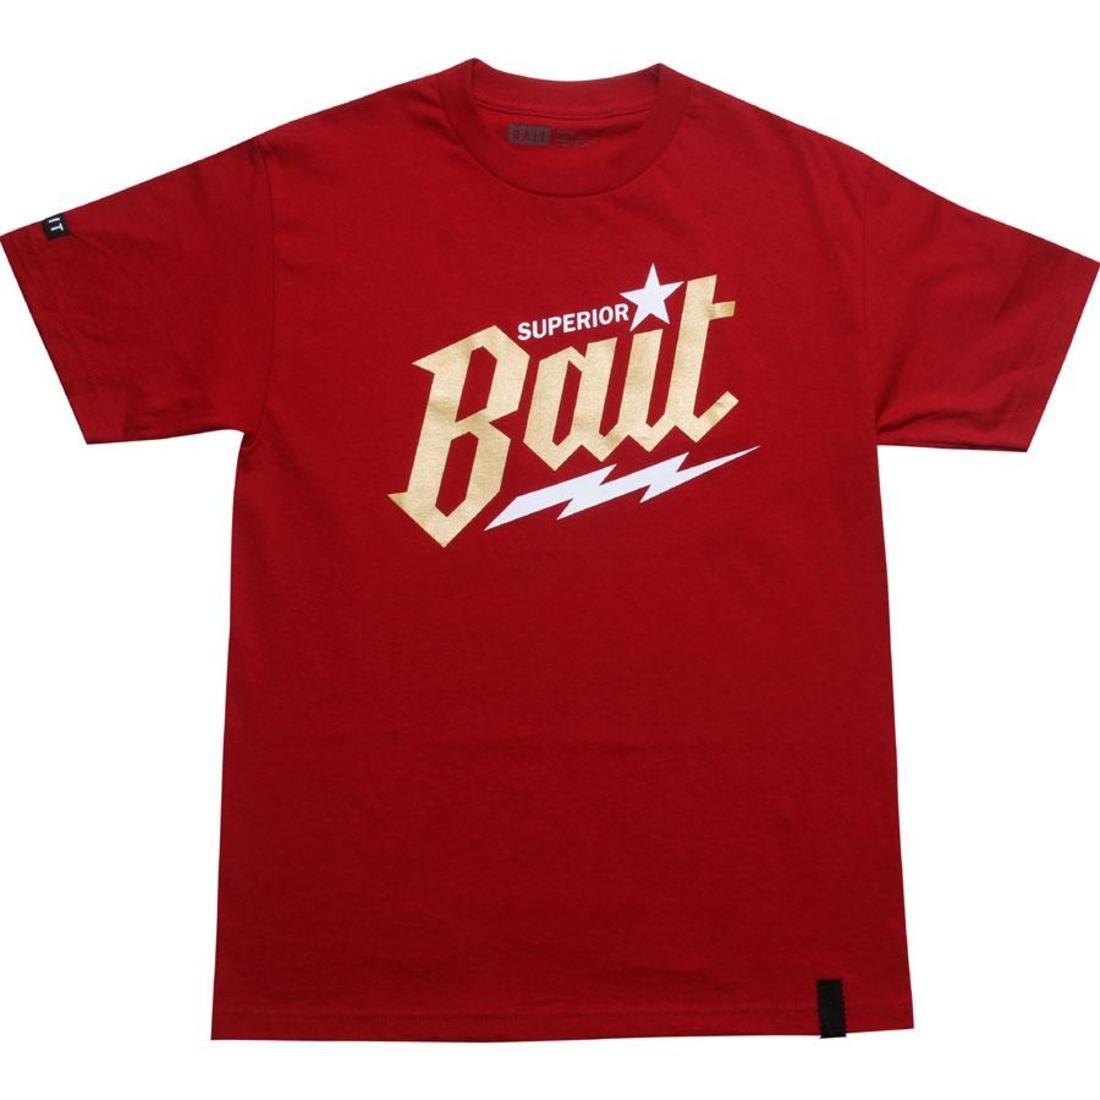 ベイト BAIT Tシャツ 赤 レッド 金色 ゴールド カーディナル 白 ホワイト 【 RED WHITE BAIT SUPERIOR TEE CARDINAL GOLD 】 メンズファッション トップス Tシャツ カットソー